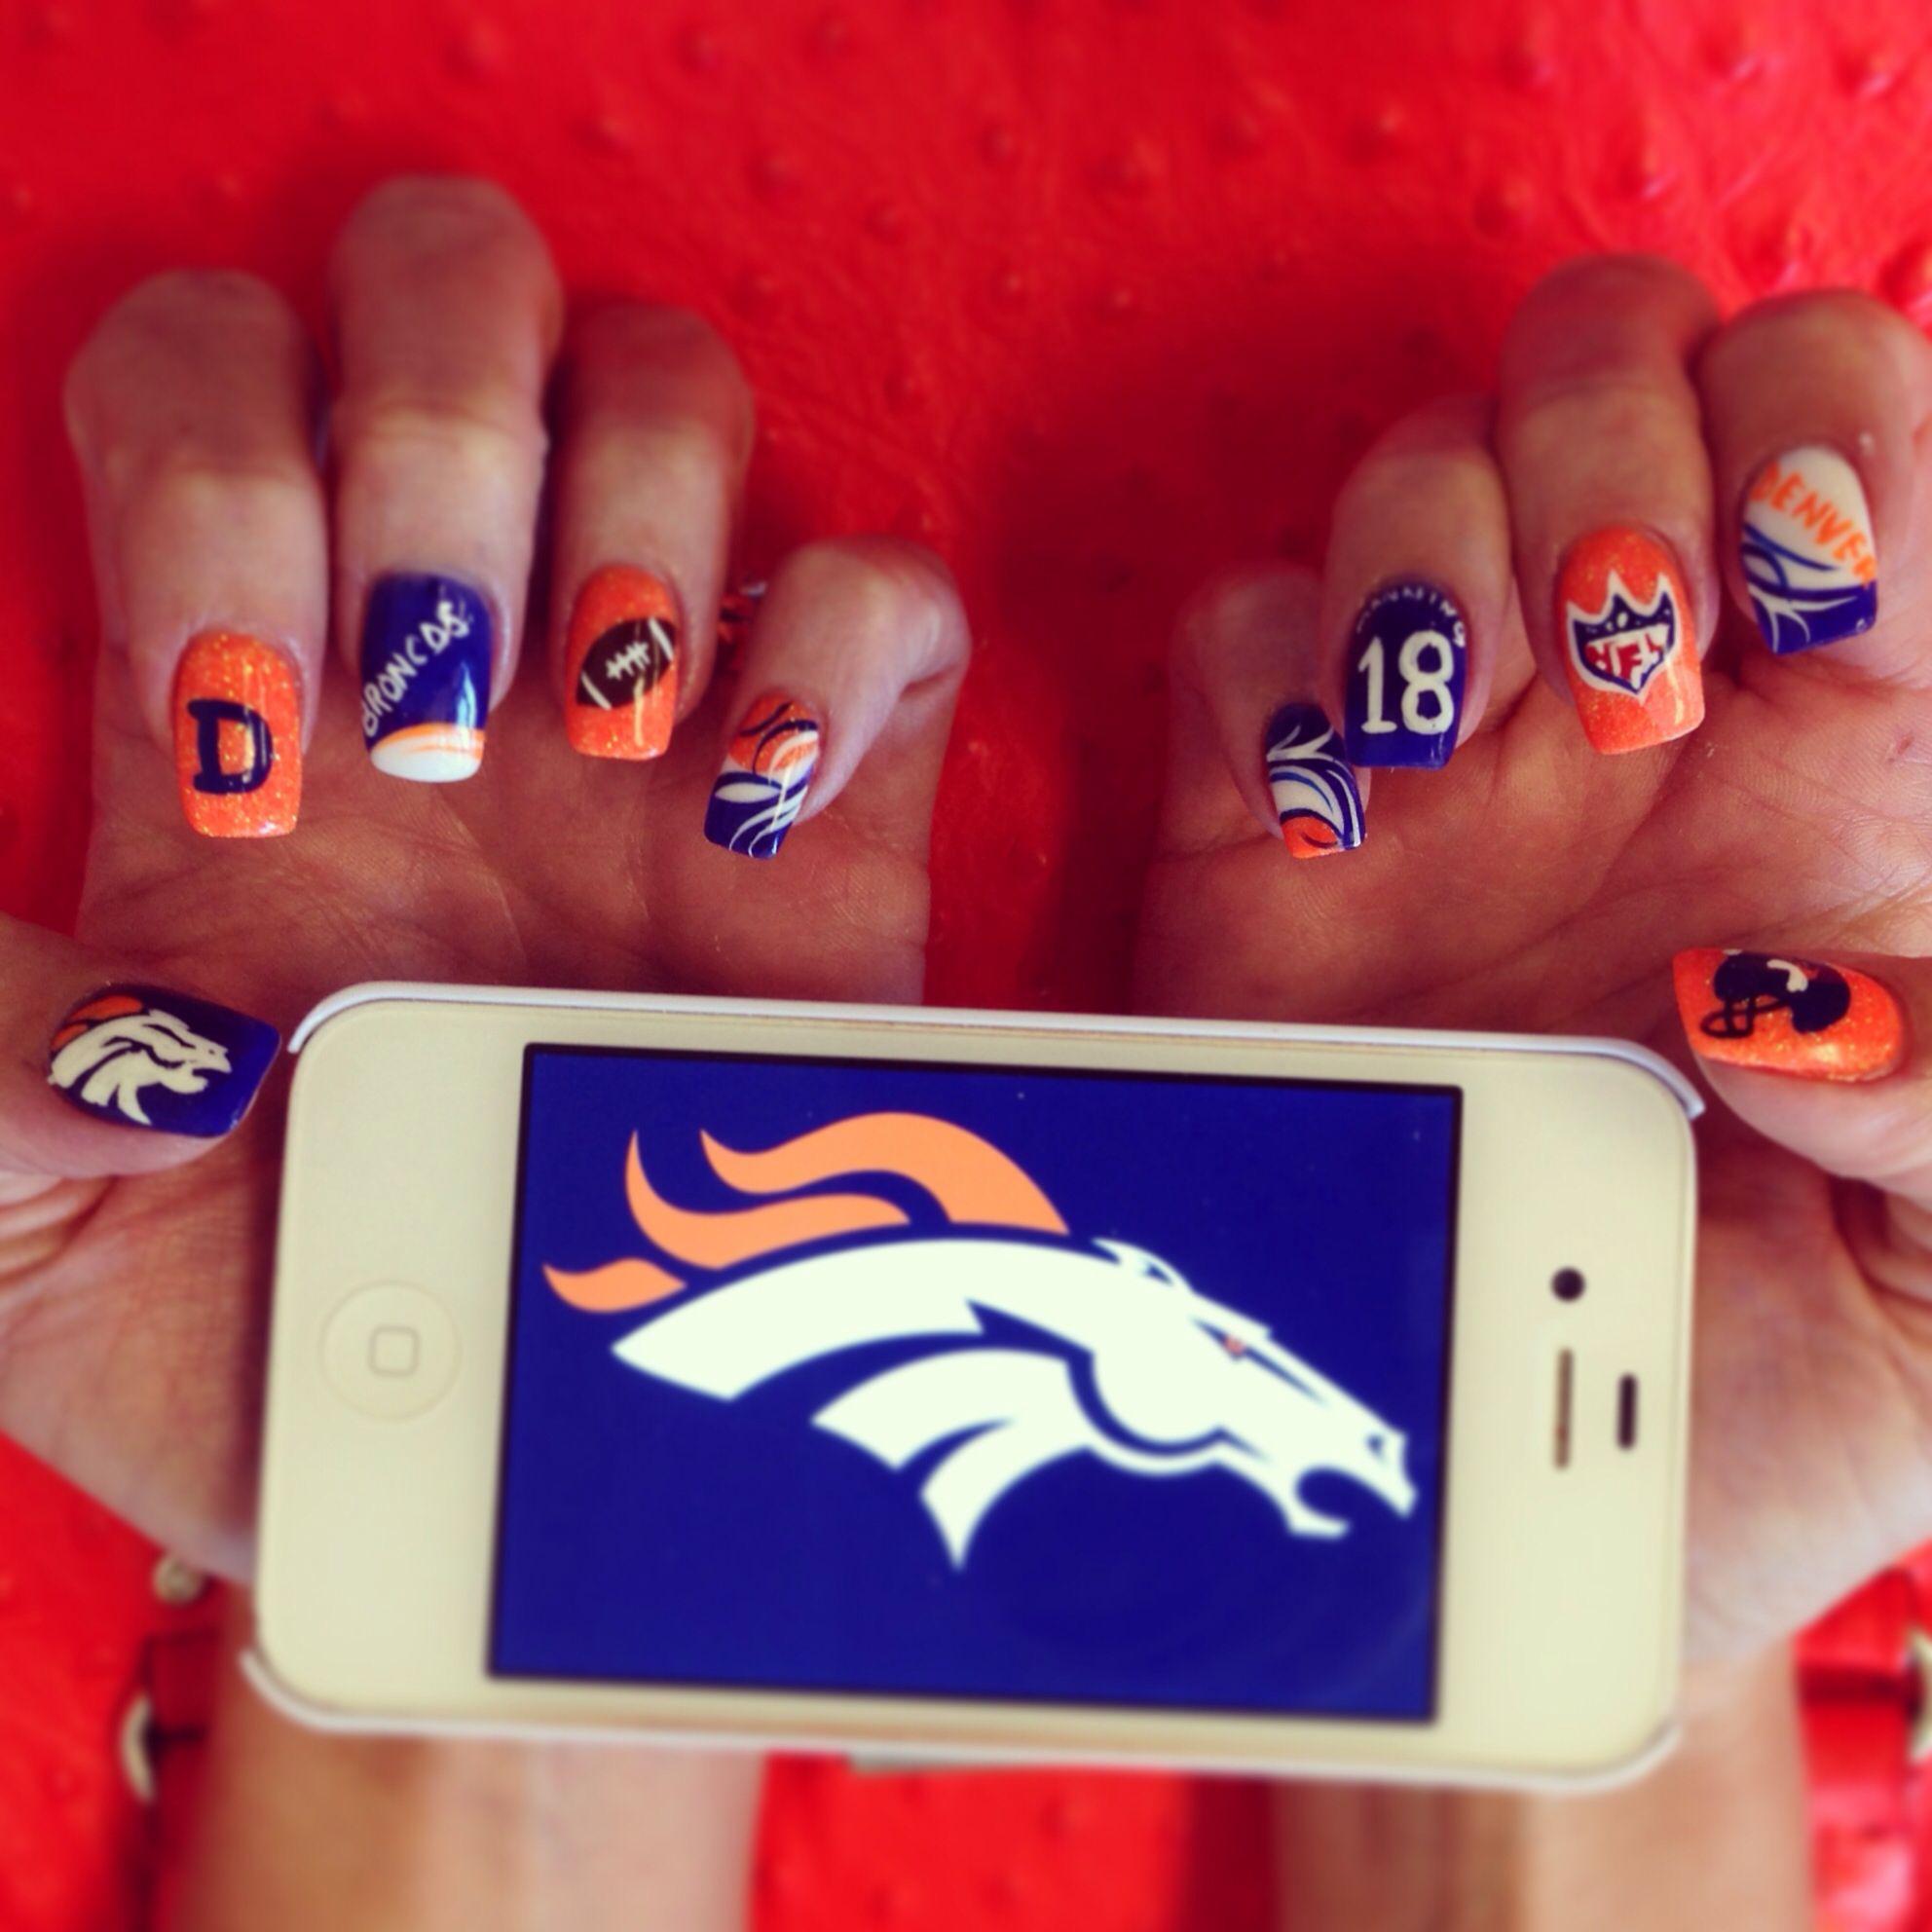 Denver broncos nails   Nails by The Haute Spot   Pinterest   Denver ...